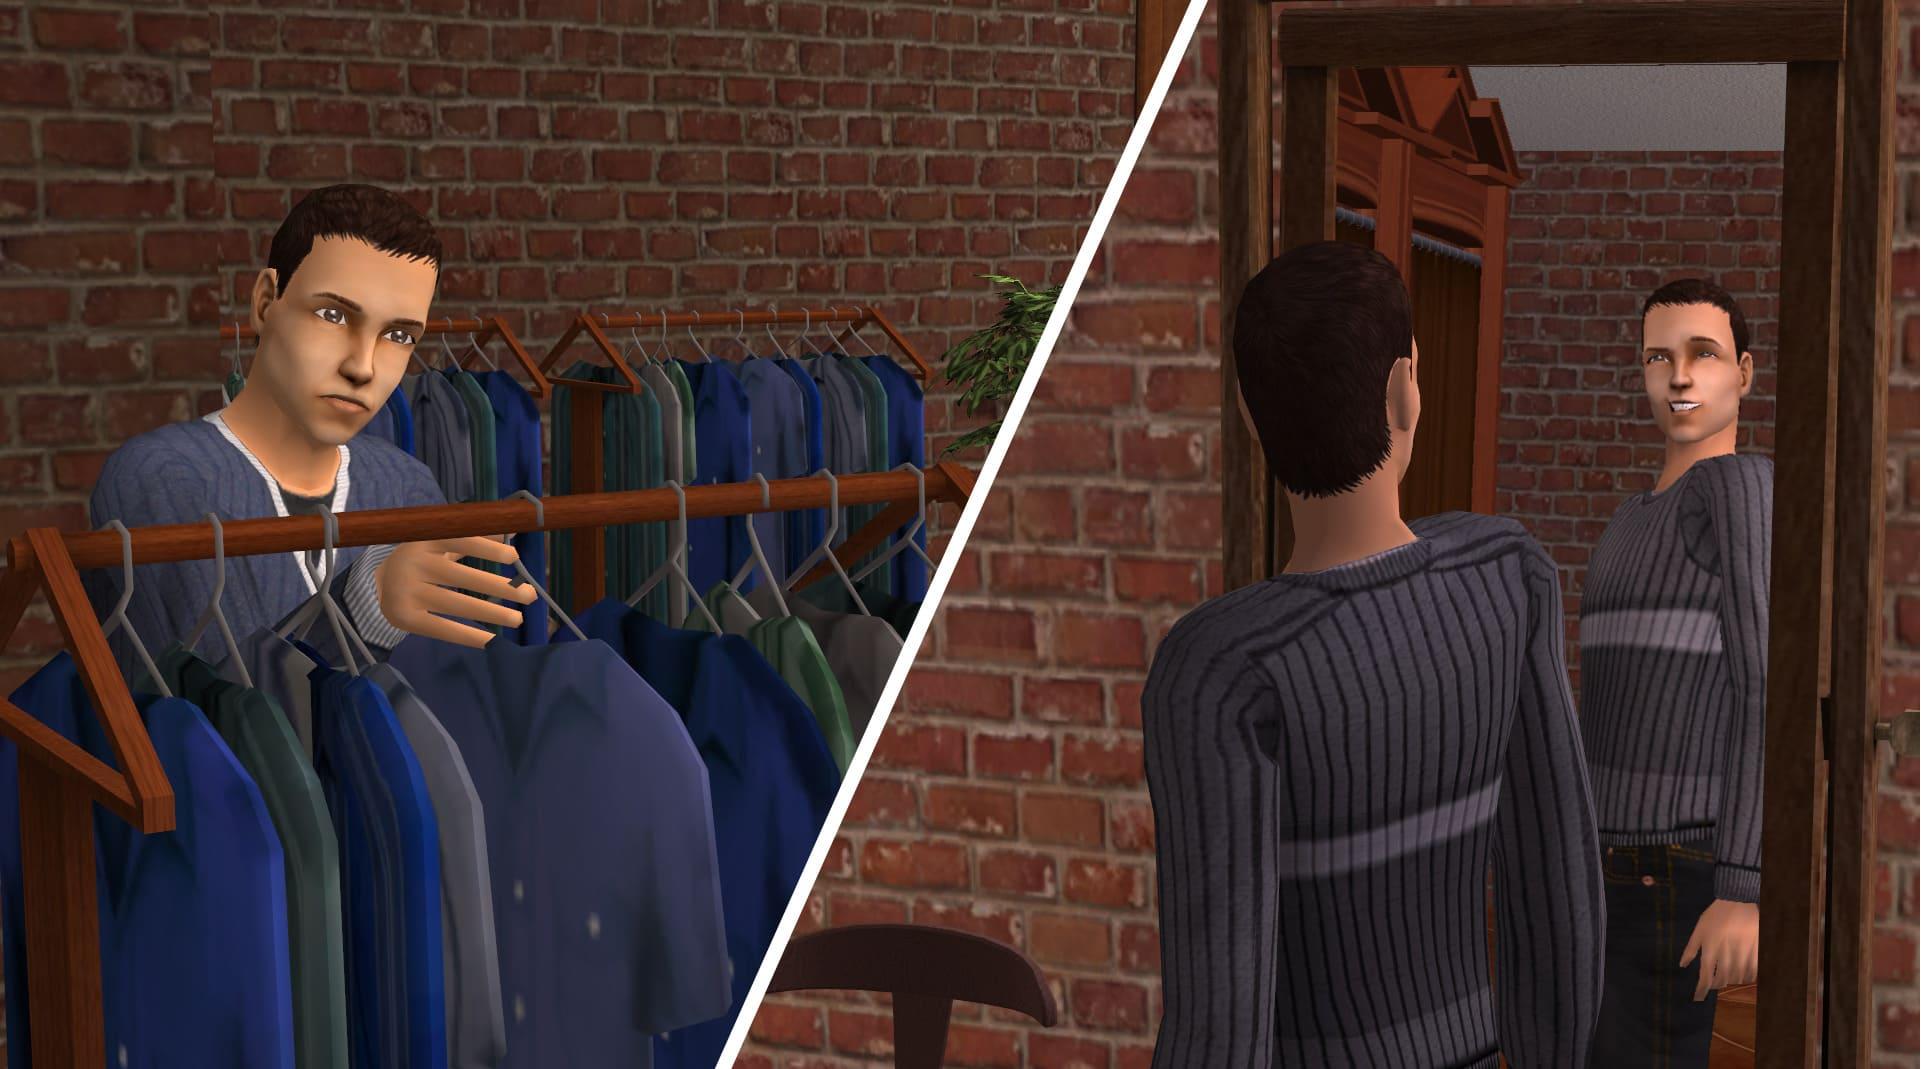 Cinque dettagli di The Sims 2 che ci mancano tutt'oggi - Acquistare vestiti